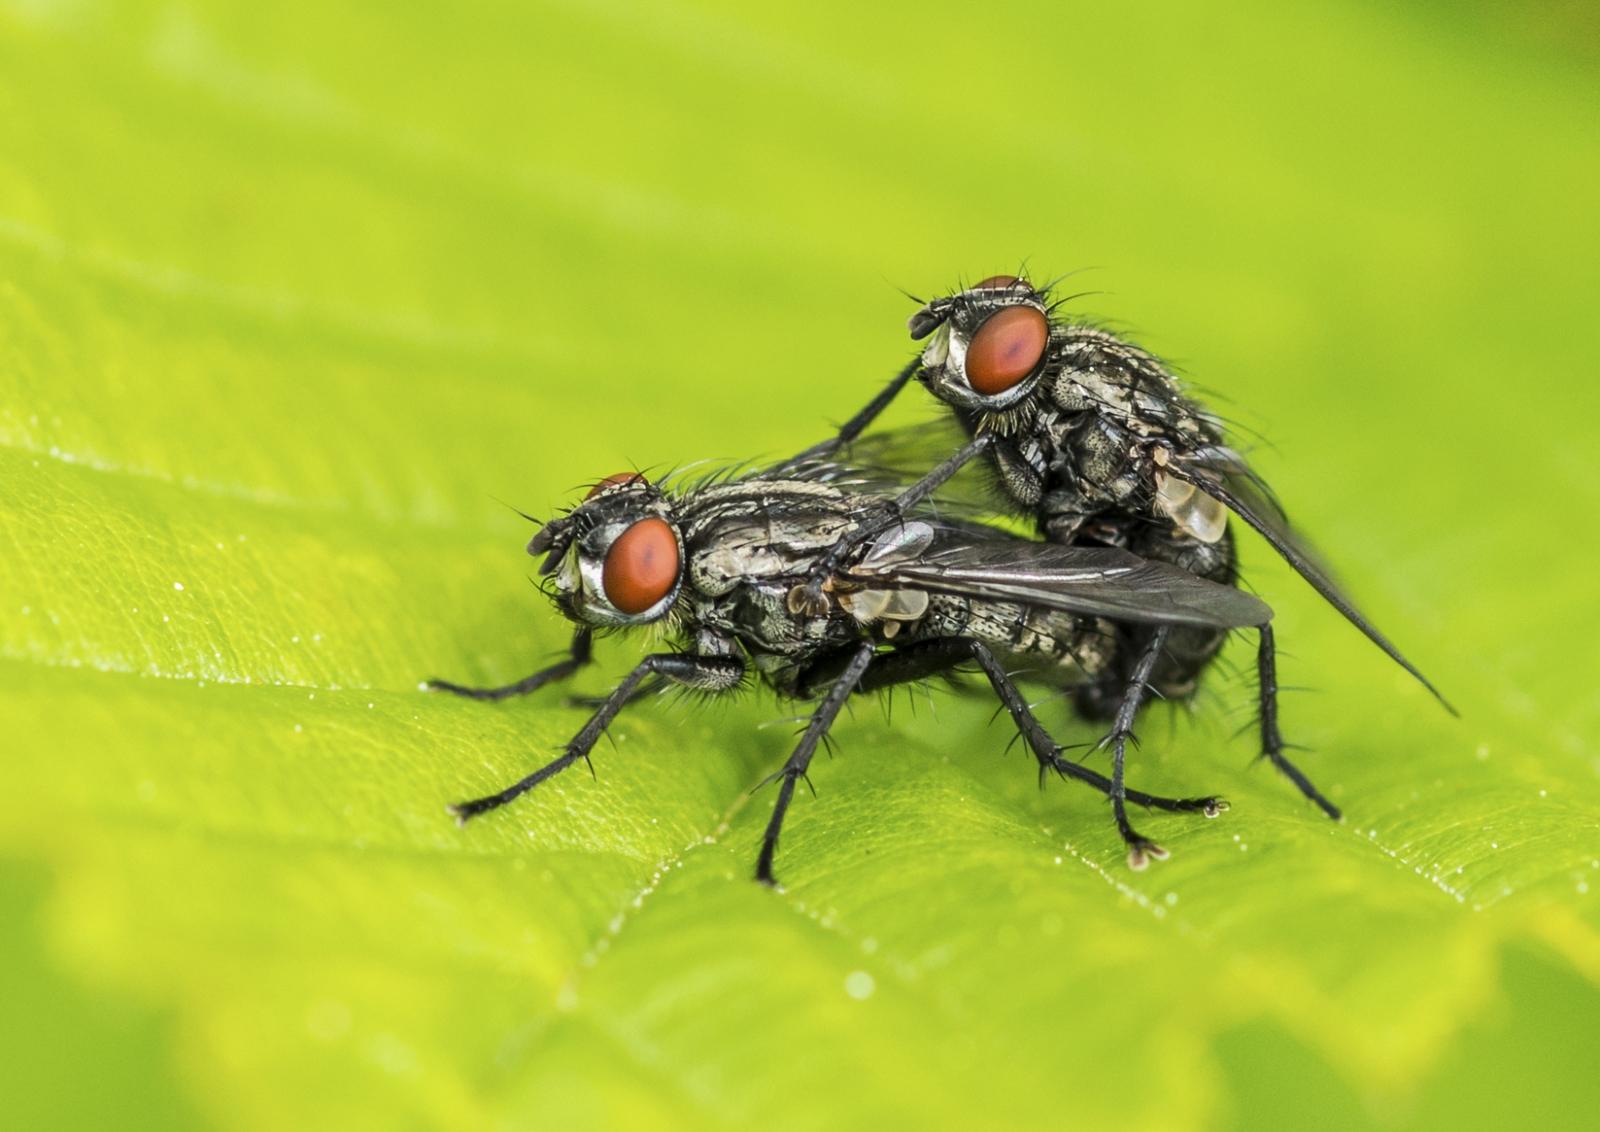 Flies having sex